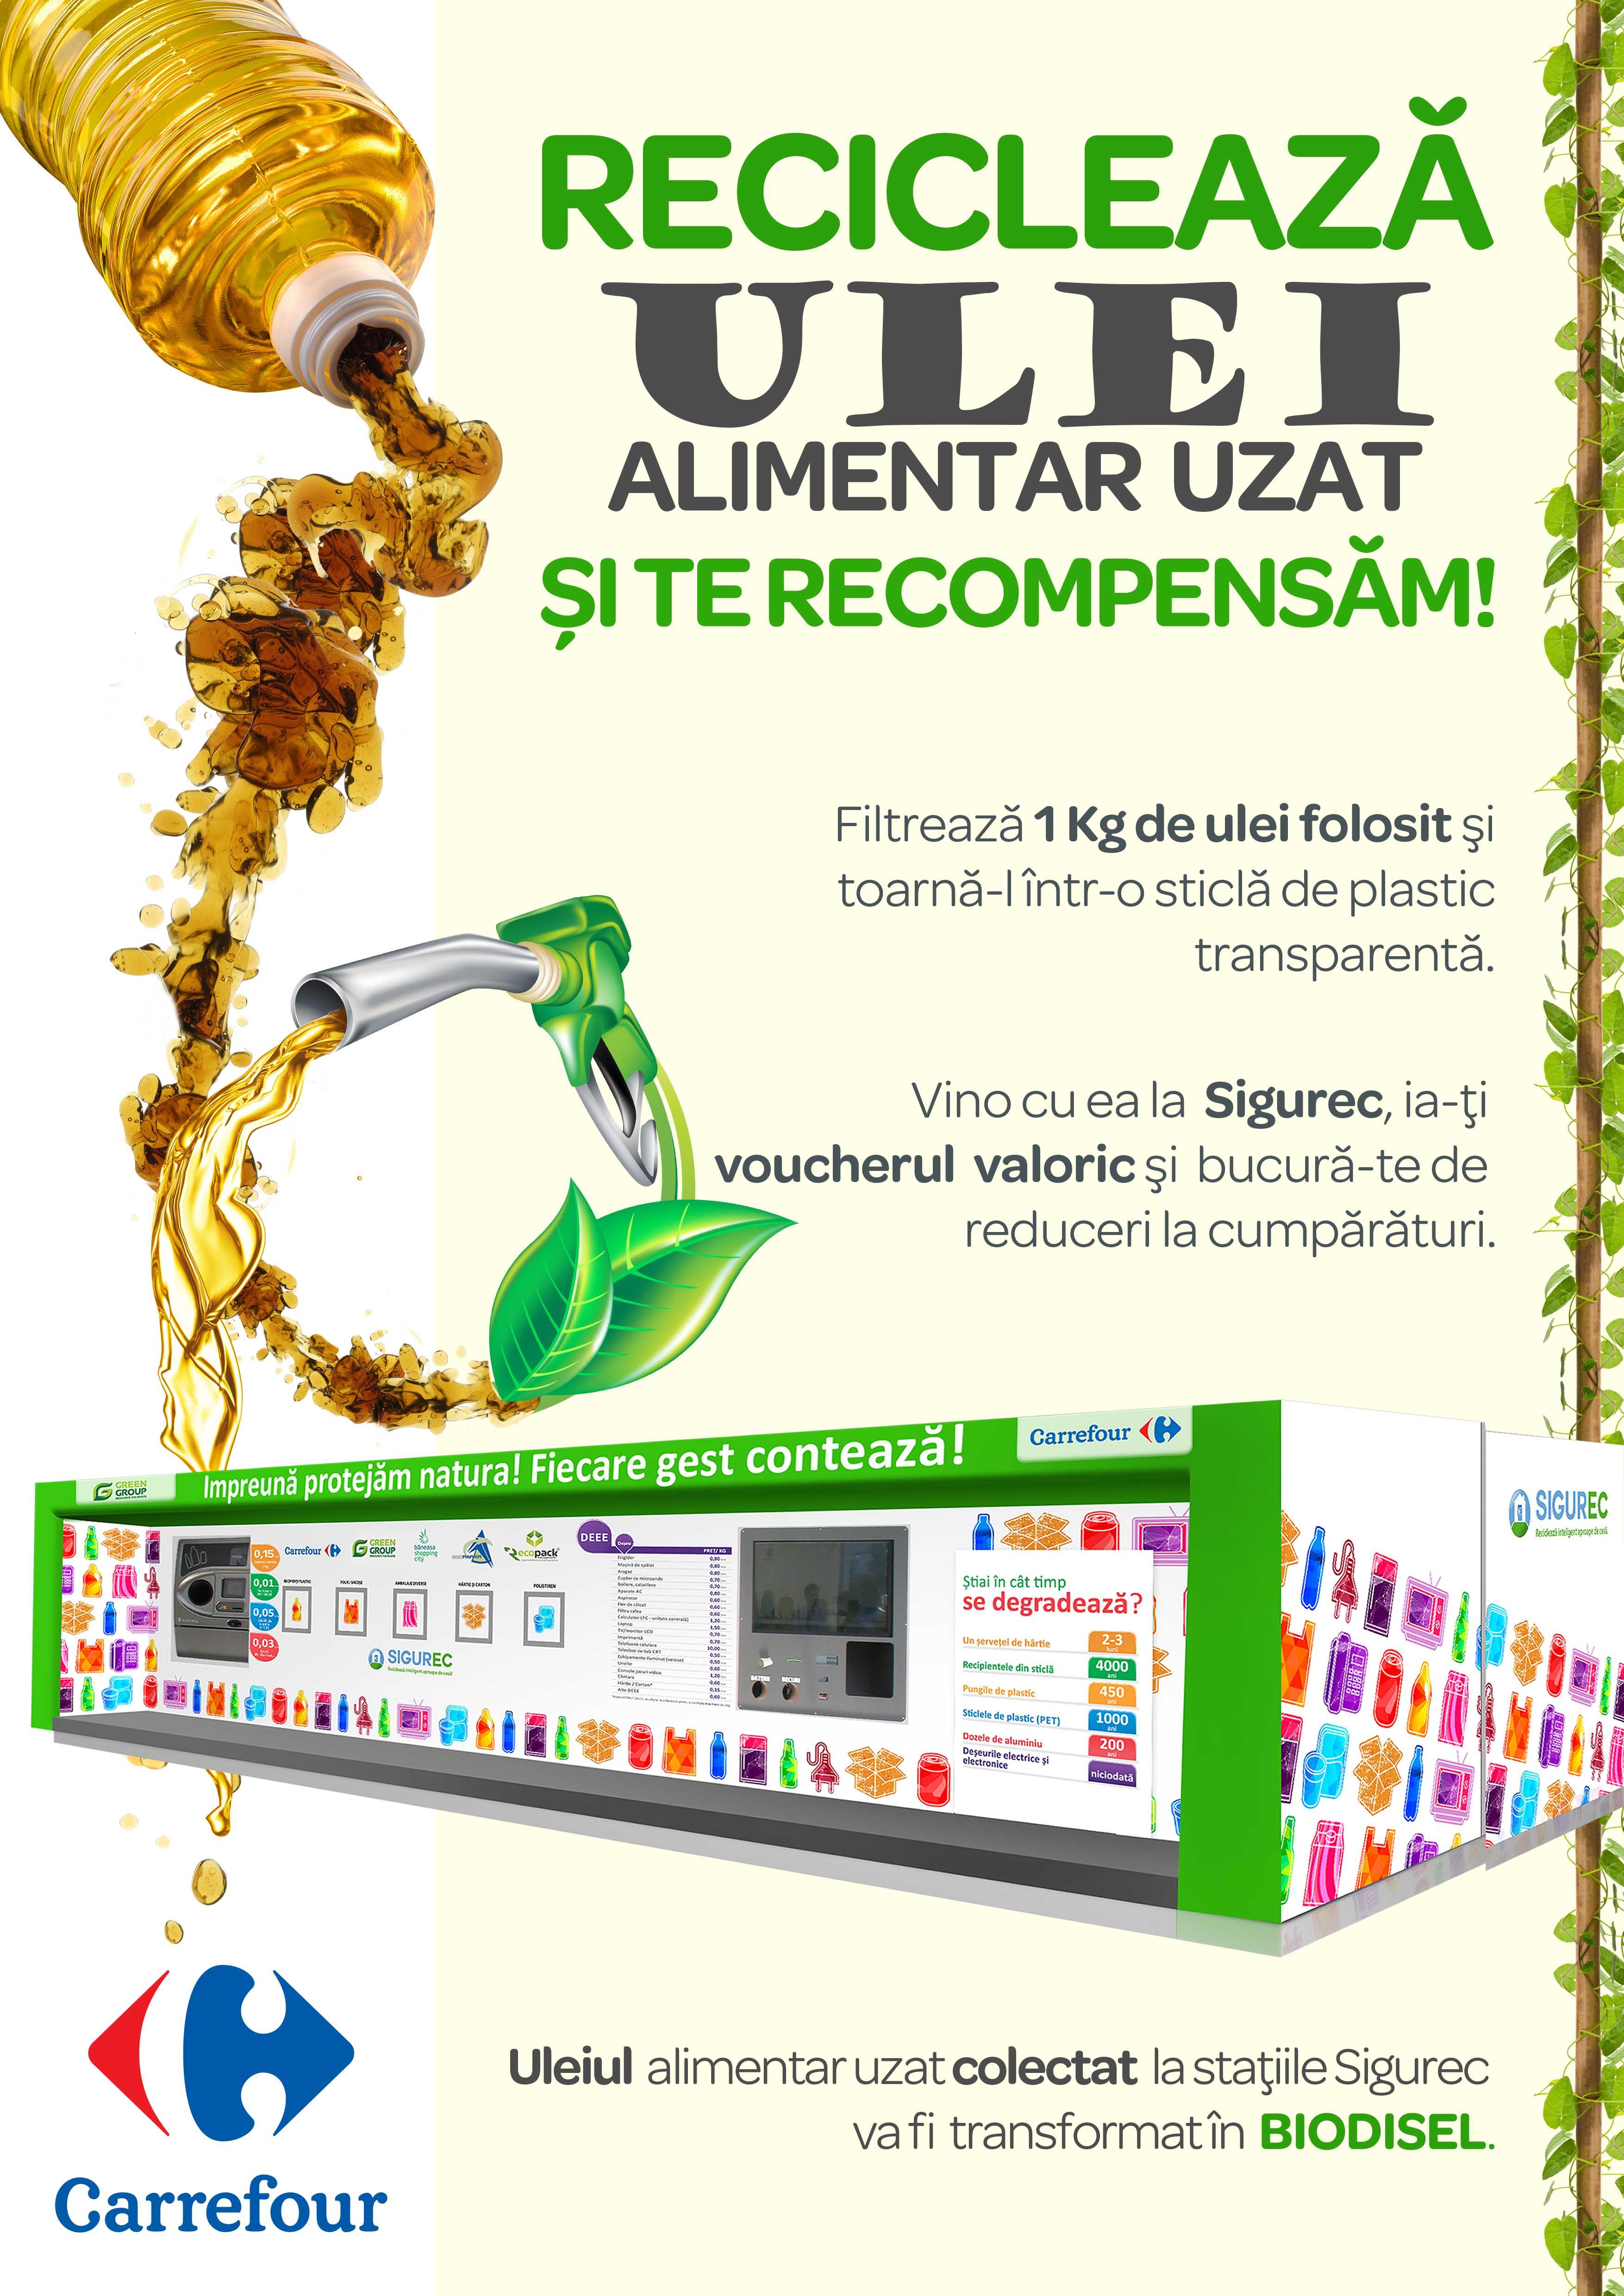 Carrefour România și Green Group lansează la 4 ani de operare a sistemului Sigurec un nou serviciu: colectarea uleiului alimentar, cu recompensă pe loc